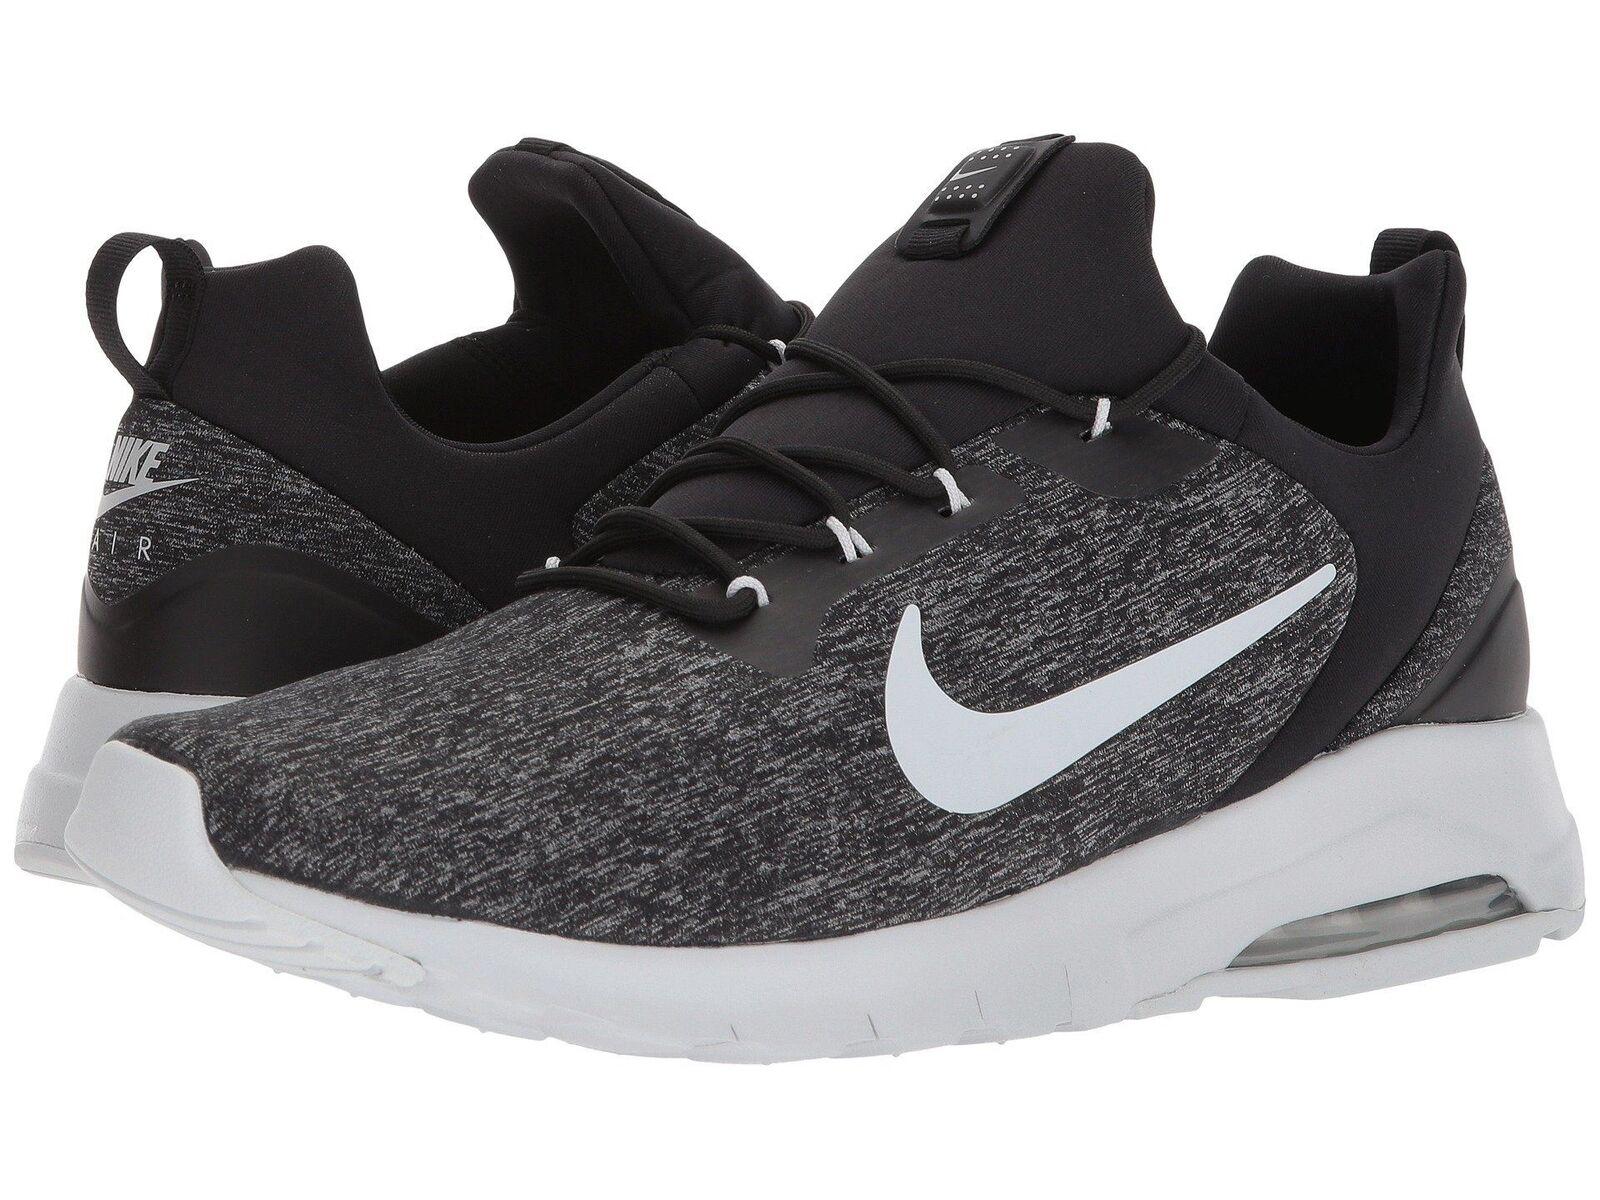 Nike air max moto racer nero di puro platino scarpe da uomo 916771004